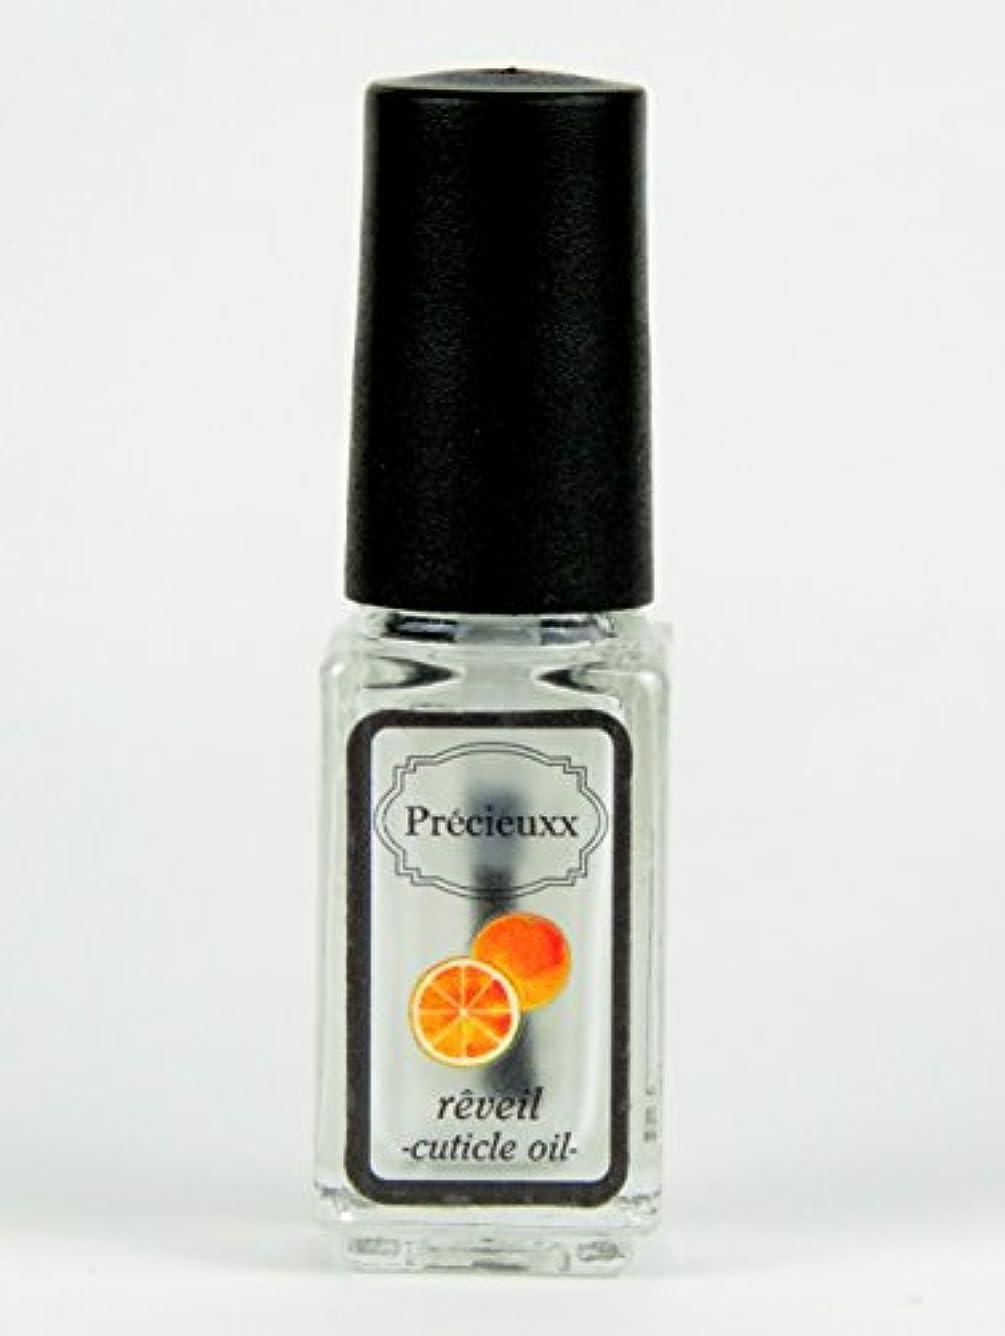 増強するそのようなモンスターオーガニック ネイルオイル Precieuxx(プレシュー) ネイルアンドキューティクルボタニカルオイル 5ml オレンジ